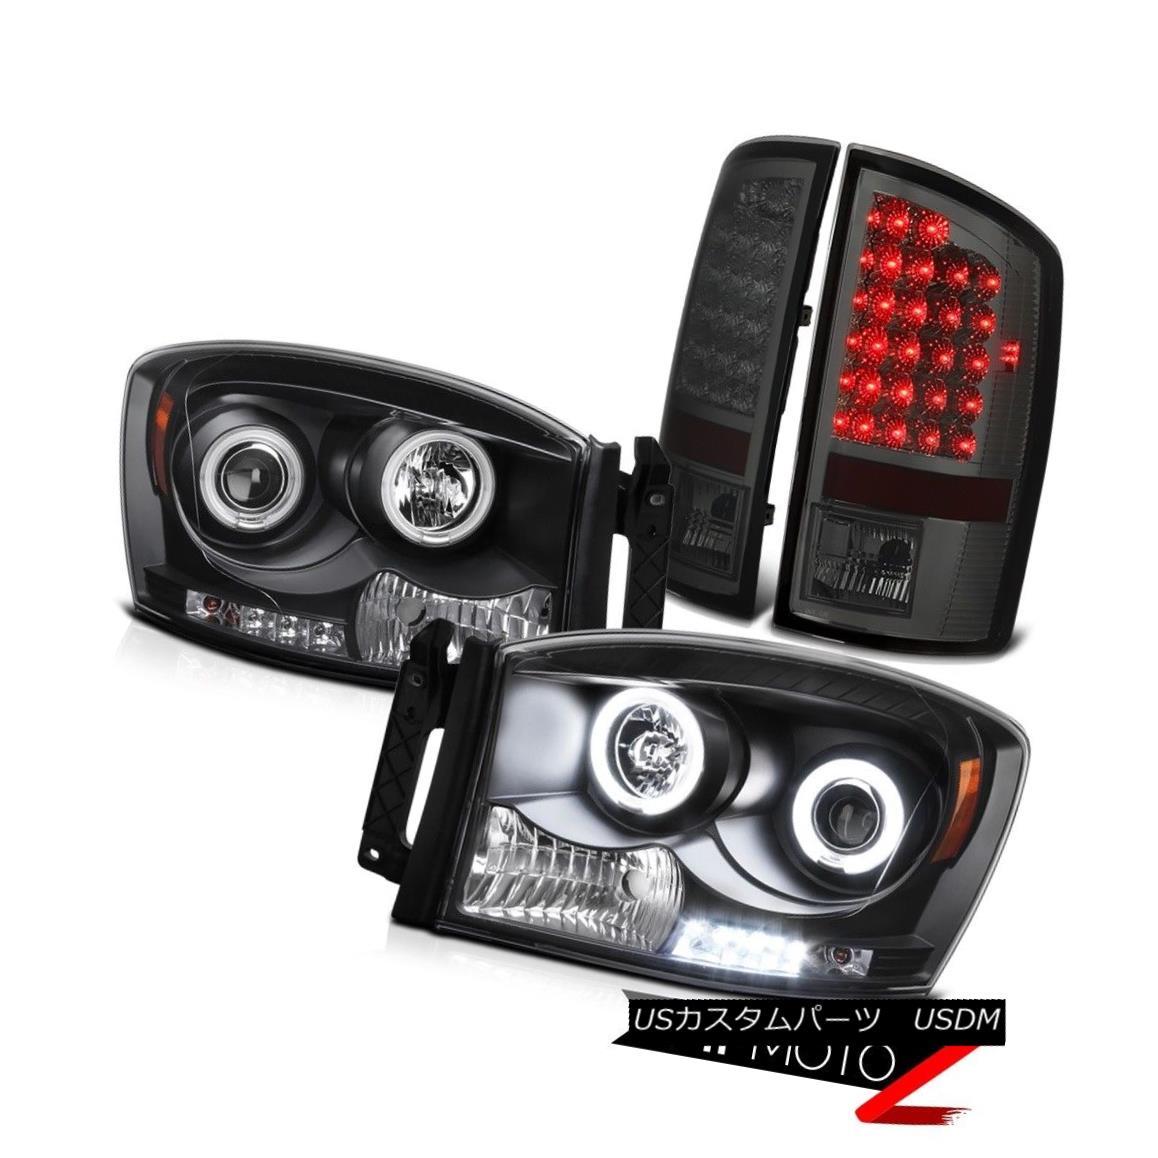 テールライト Dodge RAM 2006 LH+RH Black CCFL HaLo Projector Headlight+LED Tail Light Assembly ドッジRAM 2006 LH + RHブラックCCFLハロープロジェクターヘッドライト+ LEDテールライトアセンブリ